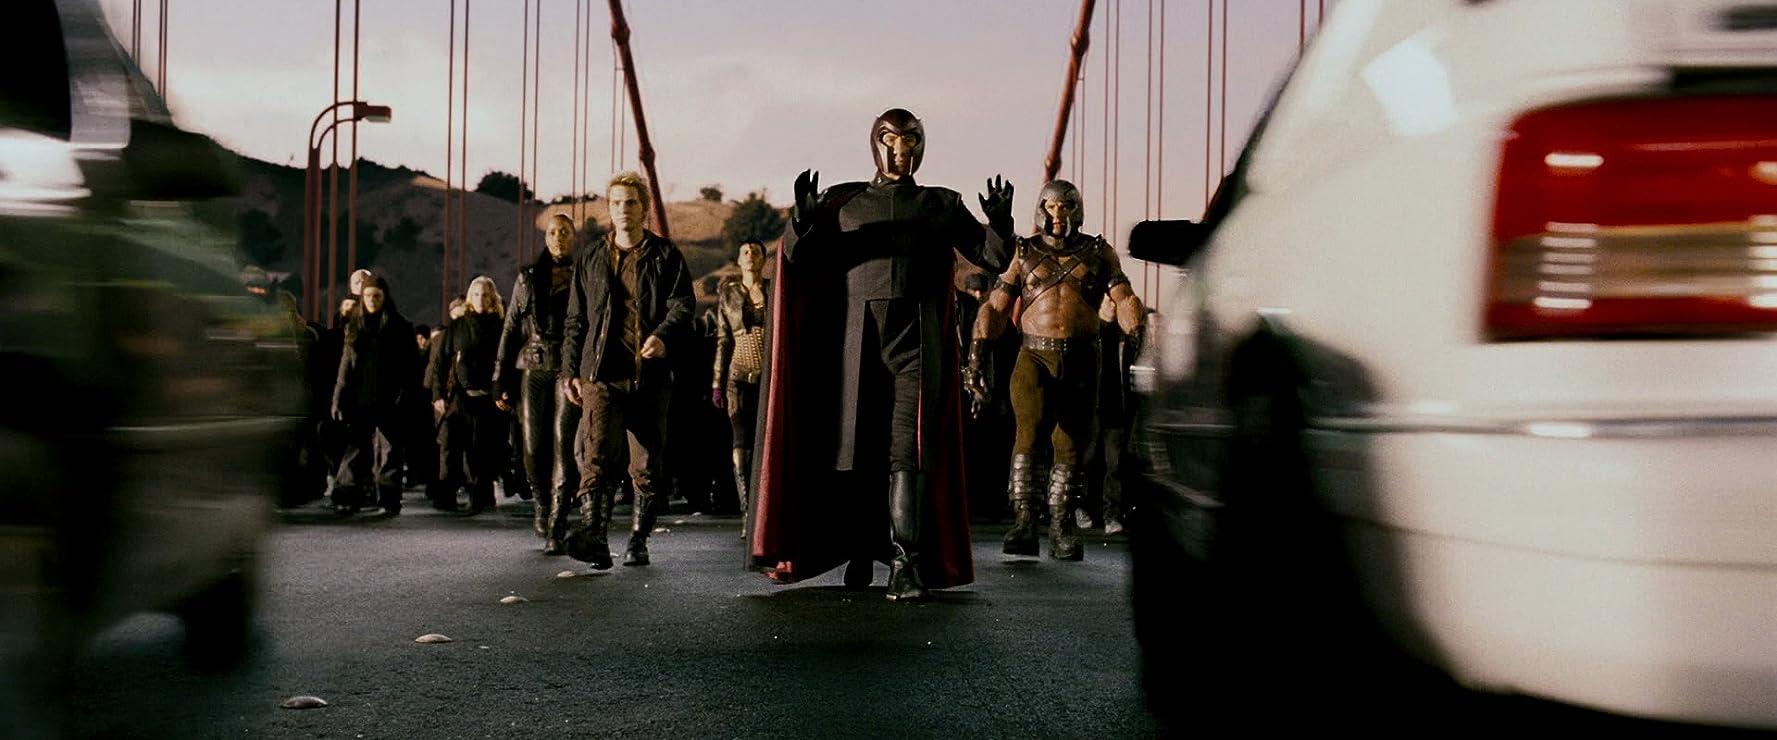 Famke Janssen, Vinnie Jones, Ian McKellen, Aaron Stanford, and Omahyra in X-Men: The Last Stand (2006)